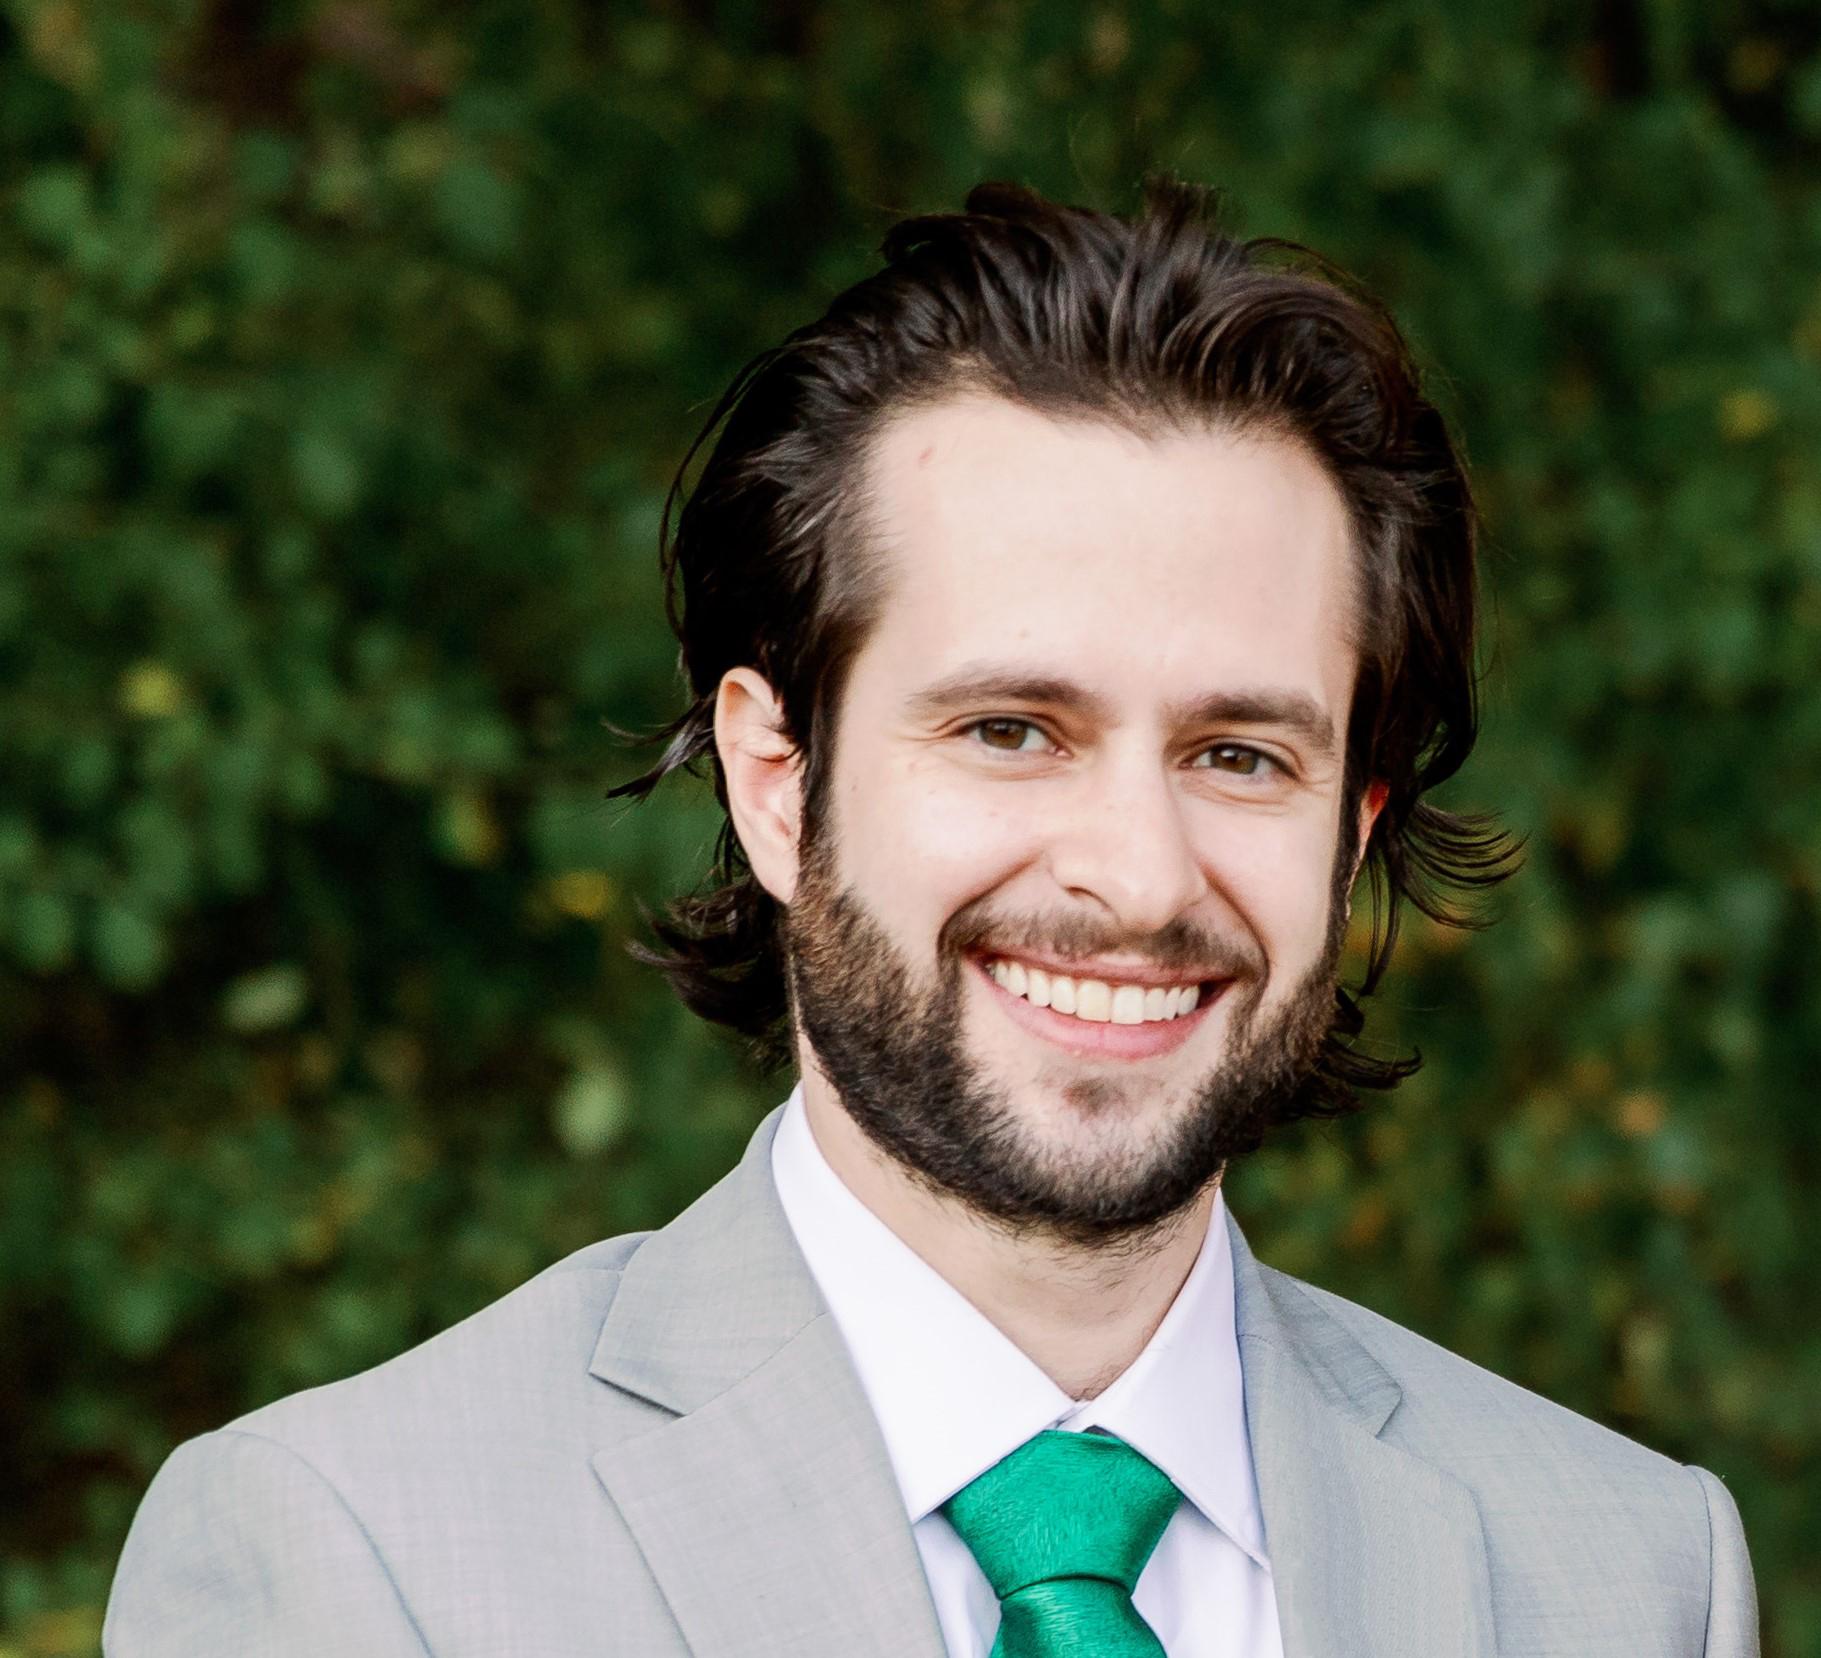 David A. Hackett